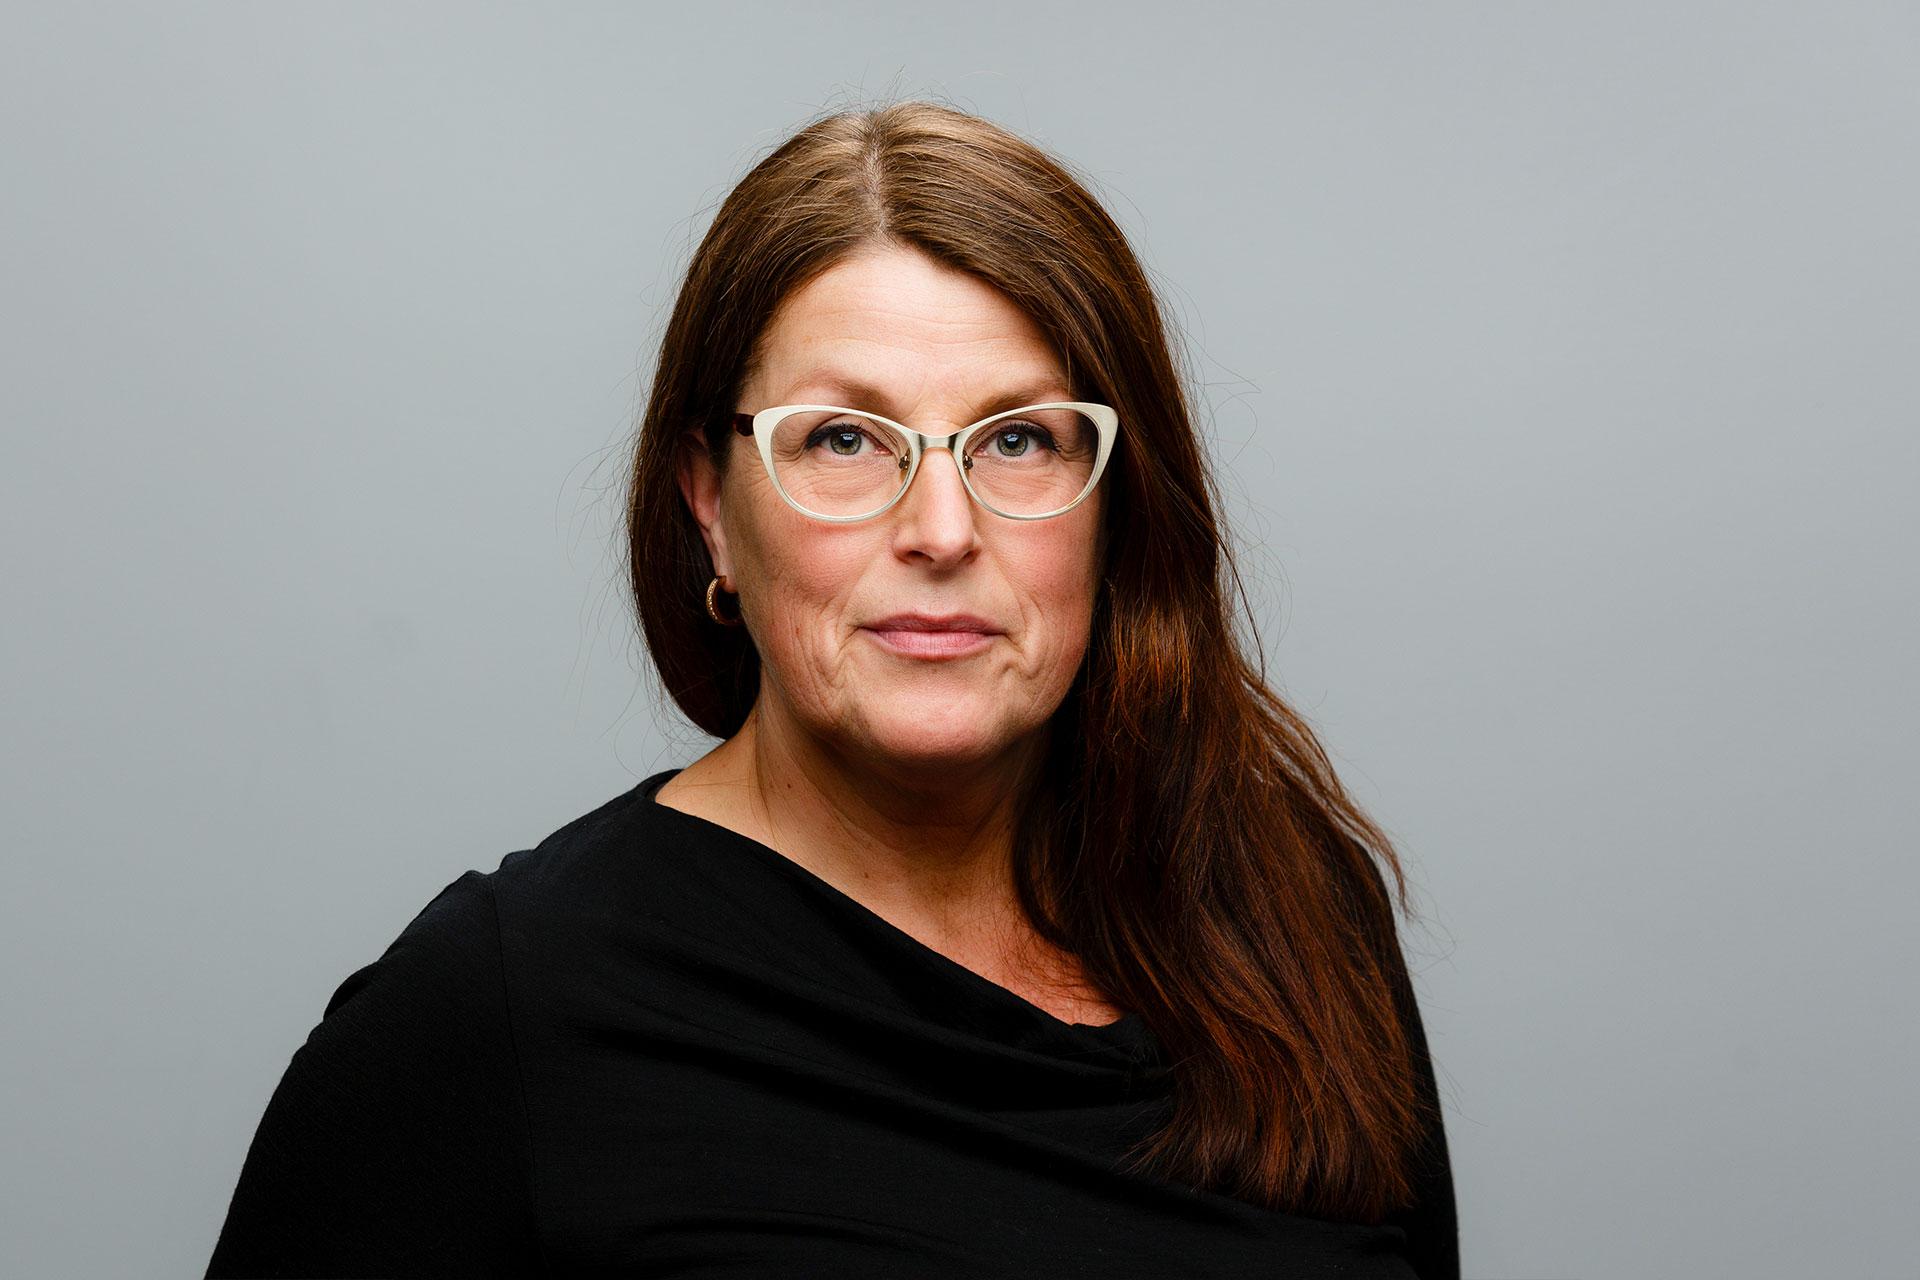 Annelie Hansson